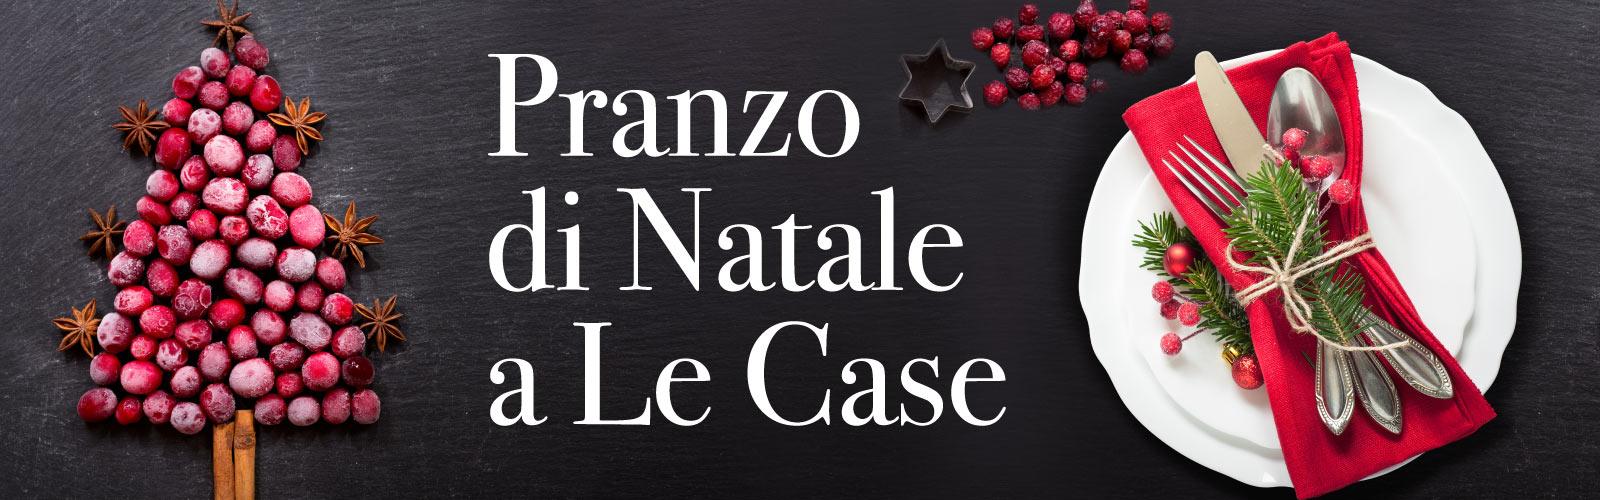 menu del pranzo di natale al ristorante Le Case Macerata